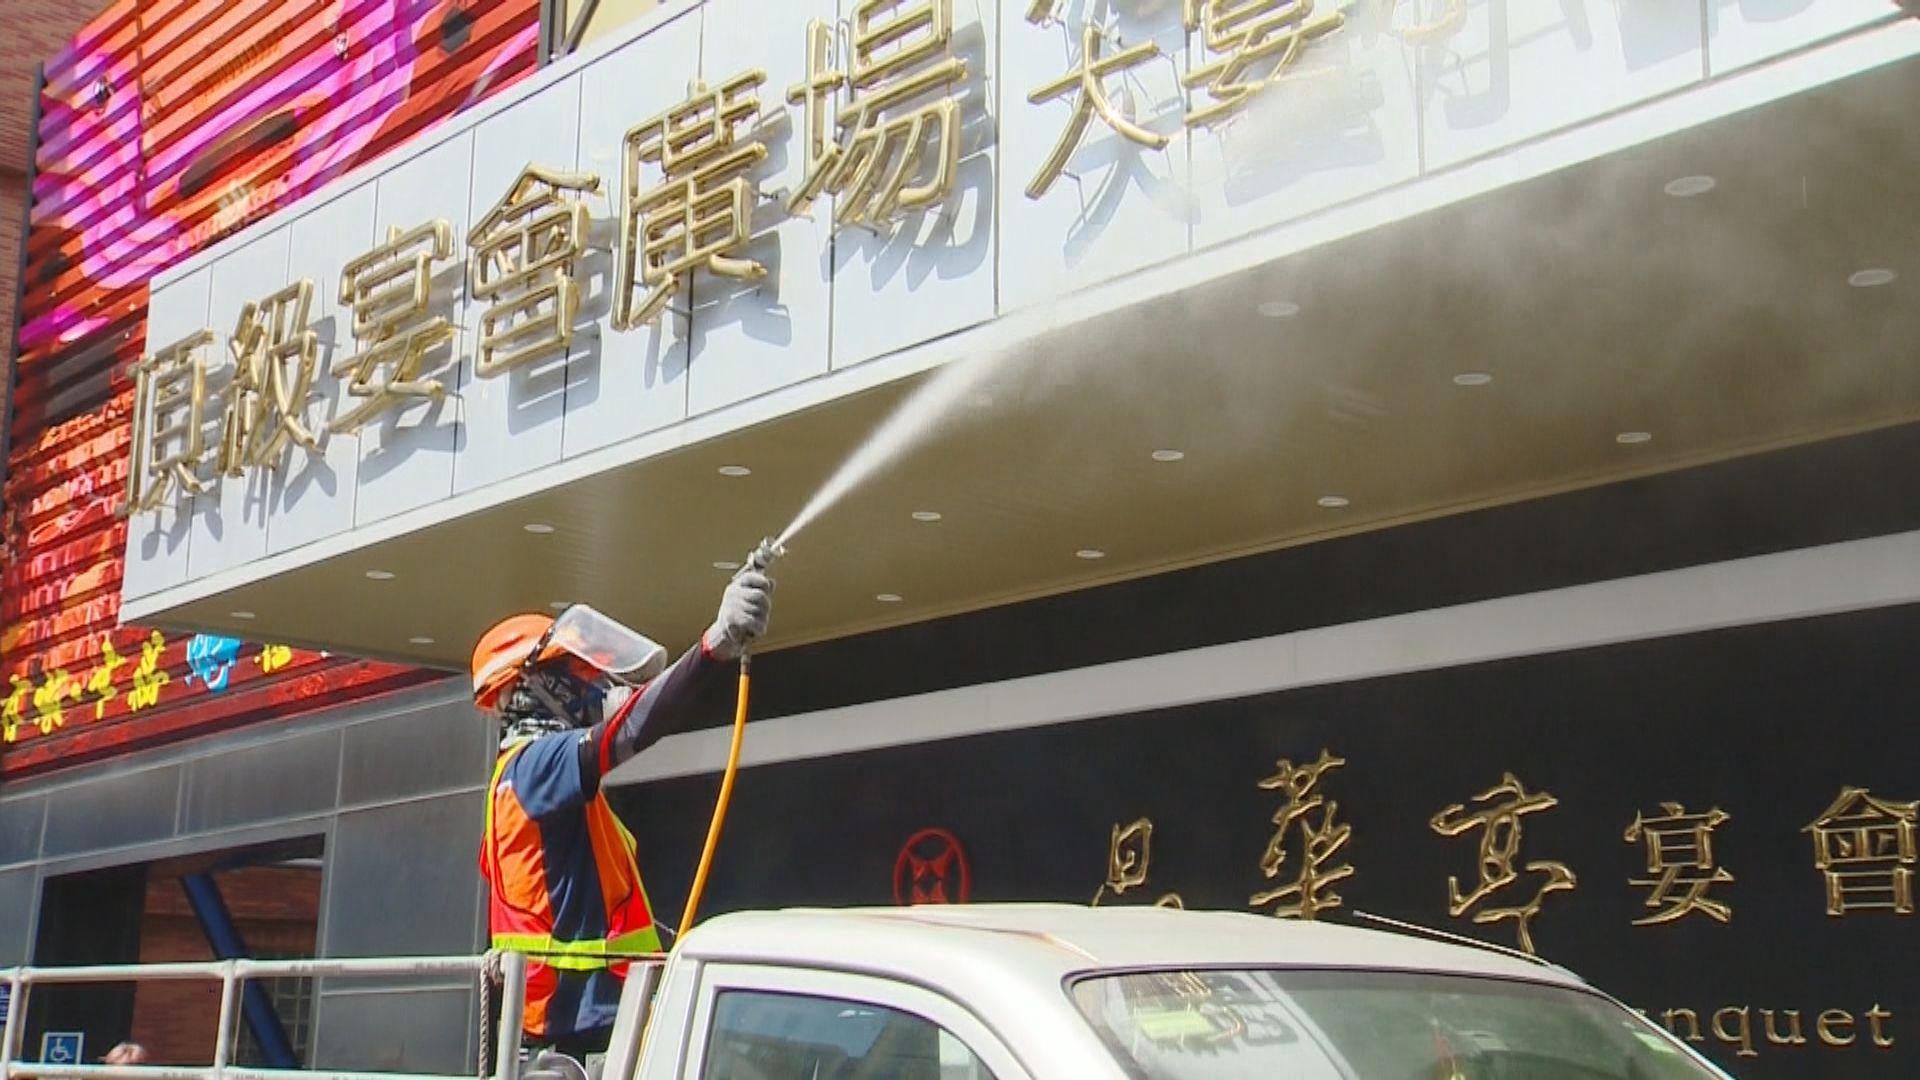 台灣疫情持續升溫 惟當局無計劃將疫情警戒升至第三級